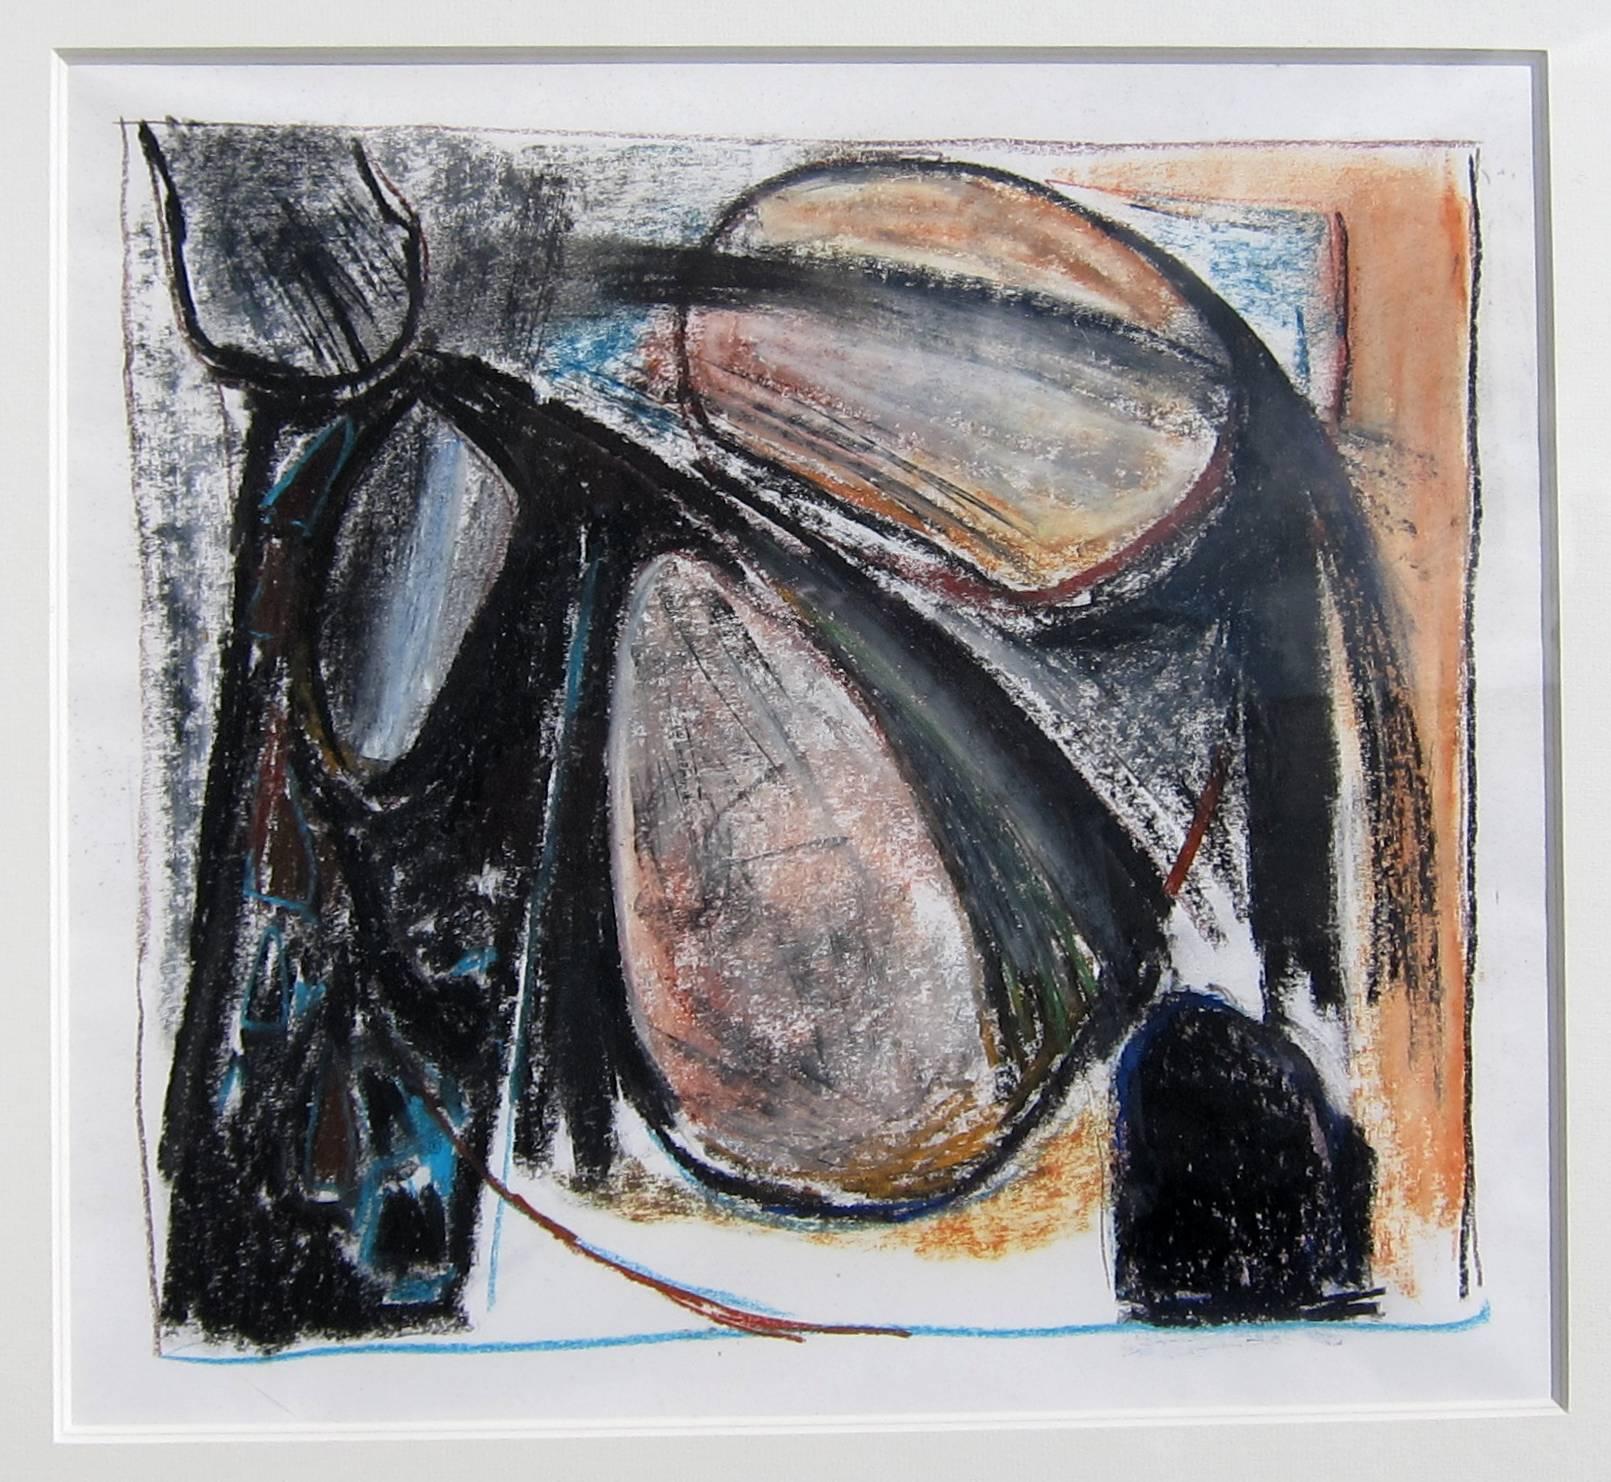 Lot 42 - PAUL FEILER, R.A. [1918-2013]. Untitled, 1964. Pastel. Provenance: The artist; Austin/Desmond Fine